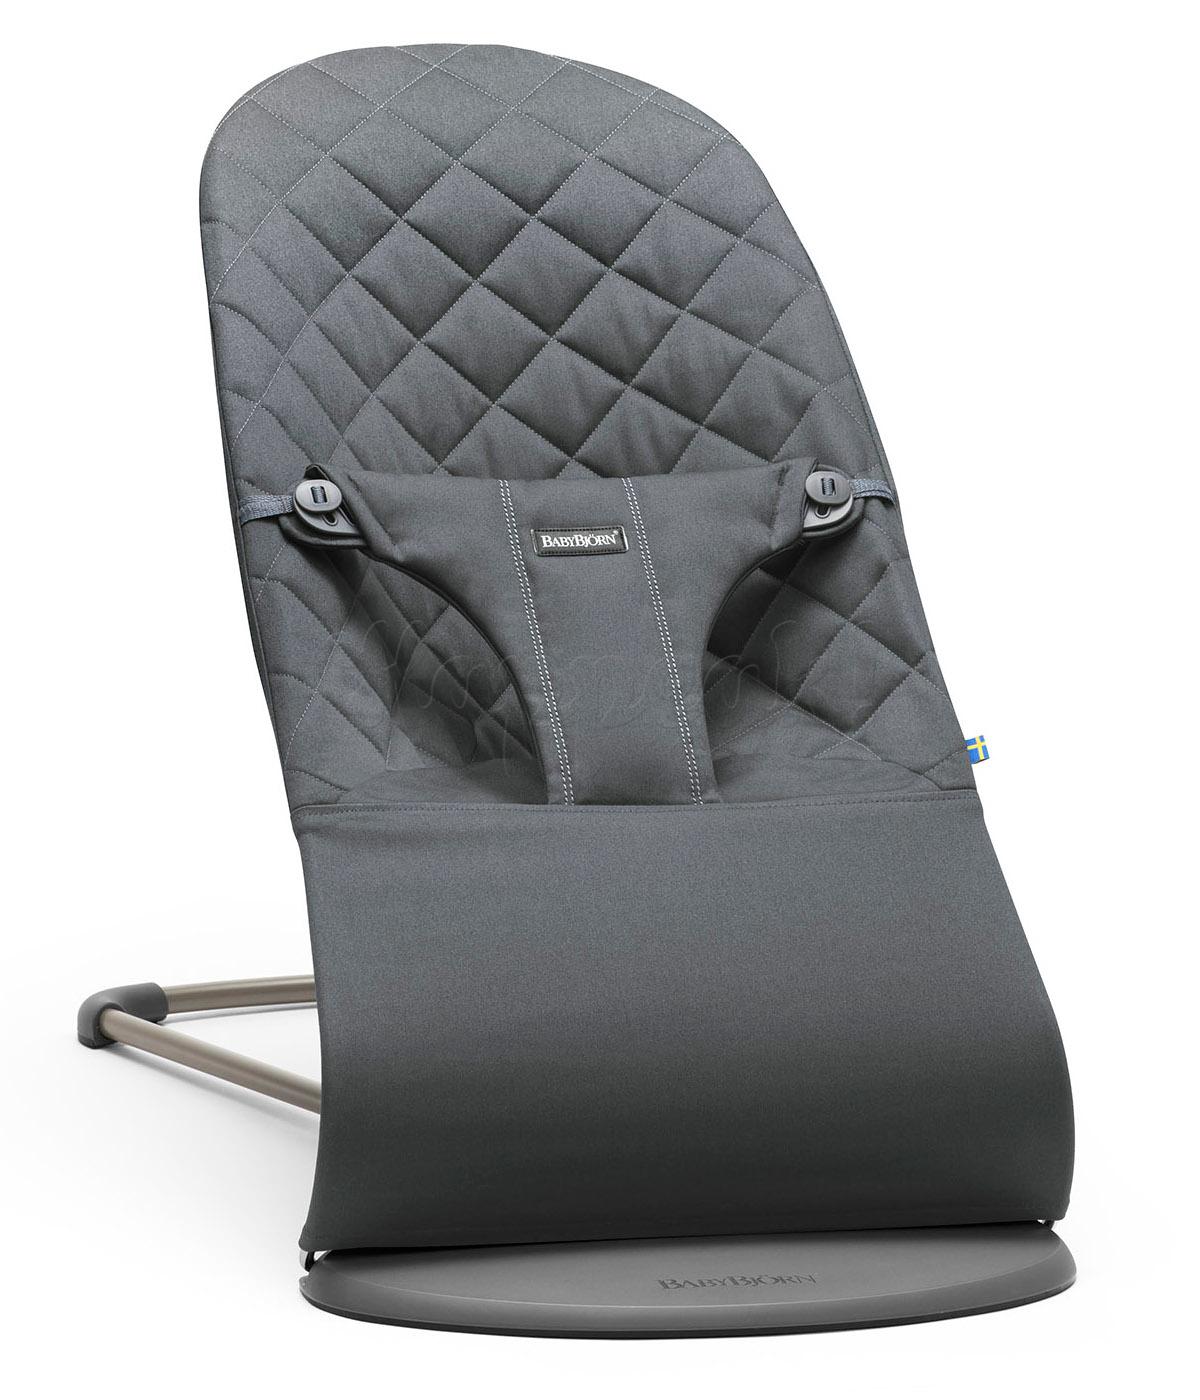 Кресло-шезлонг balance soft, рыжеоранжевый, baby bjorn (005024)